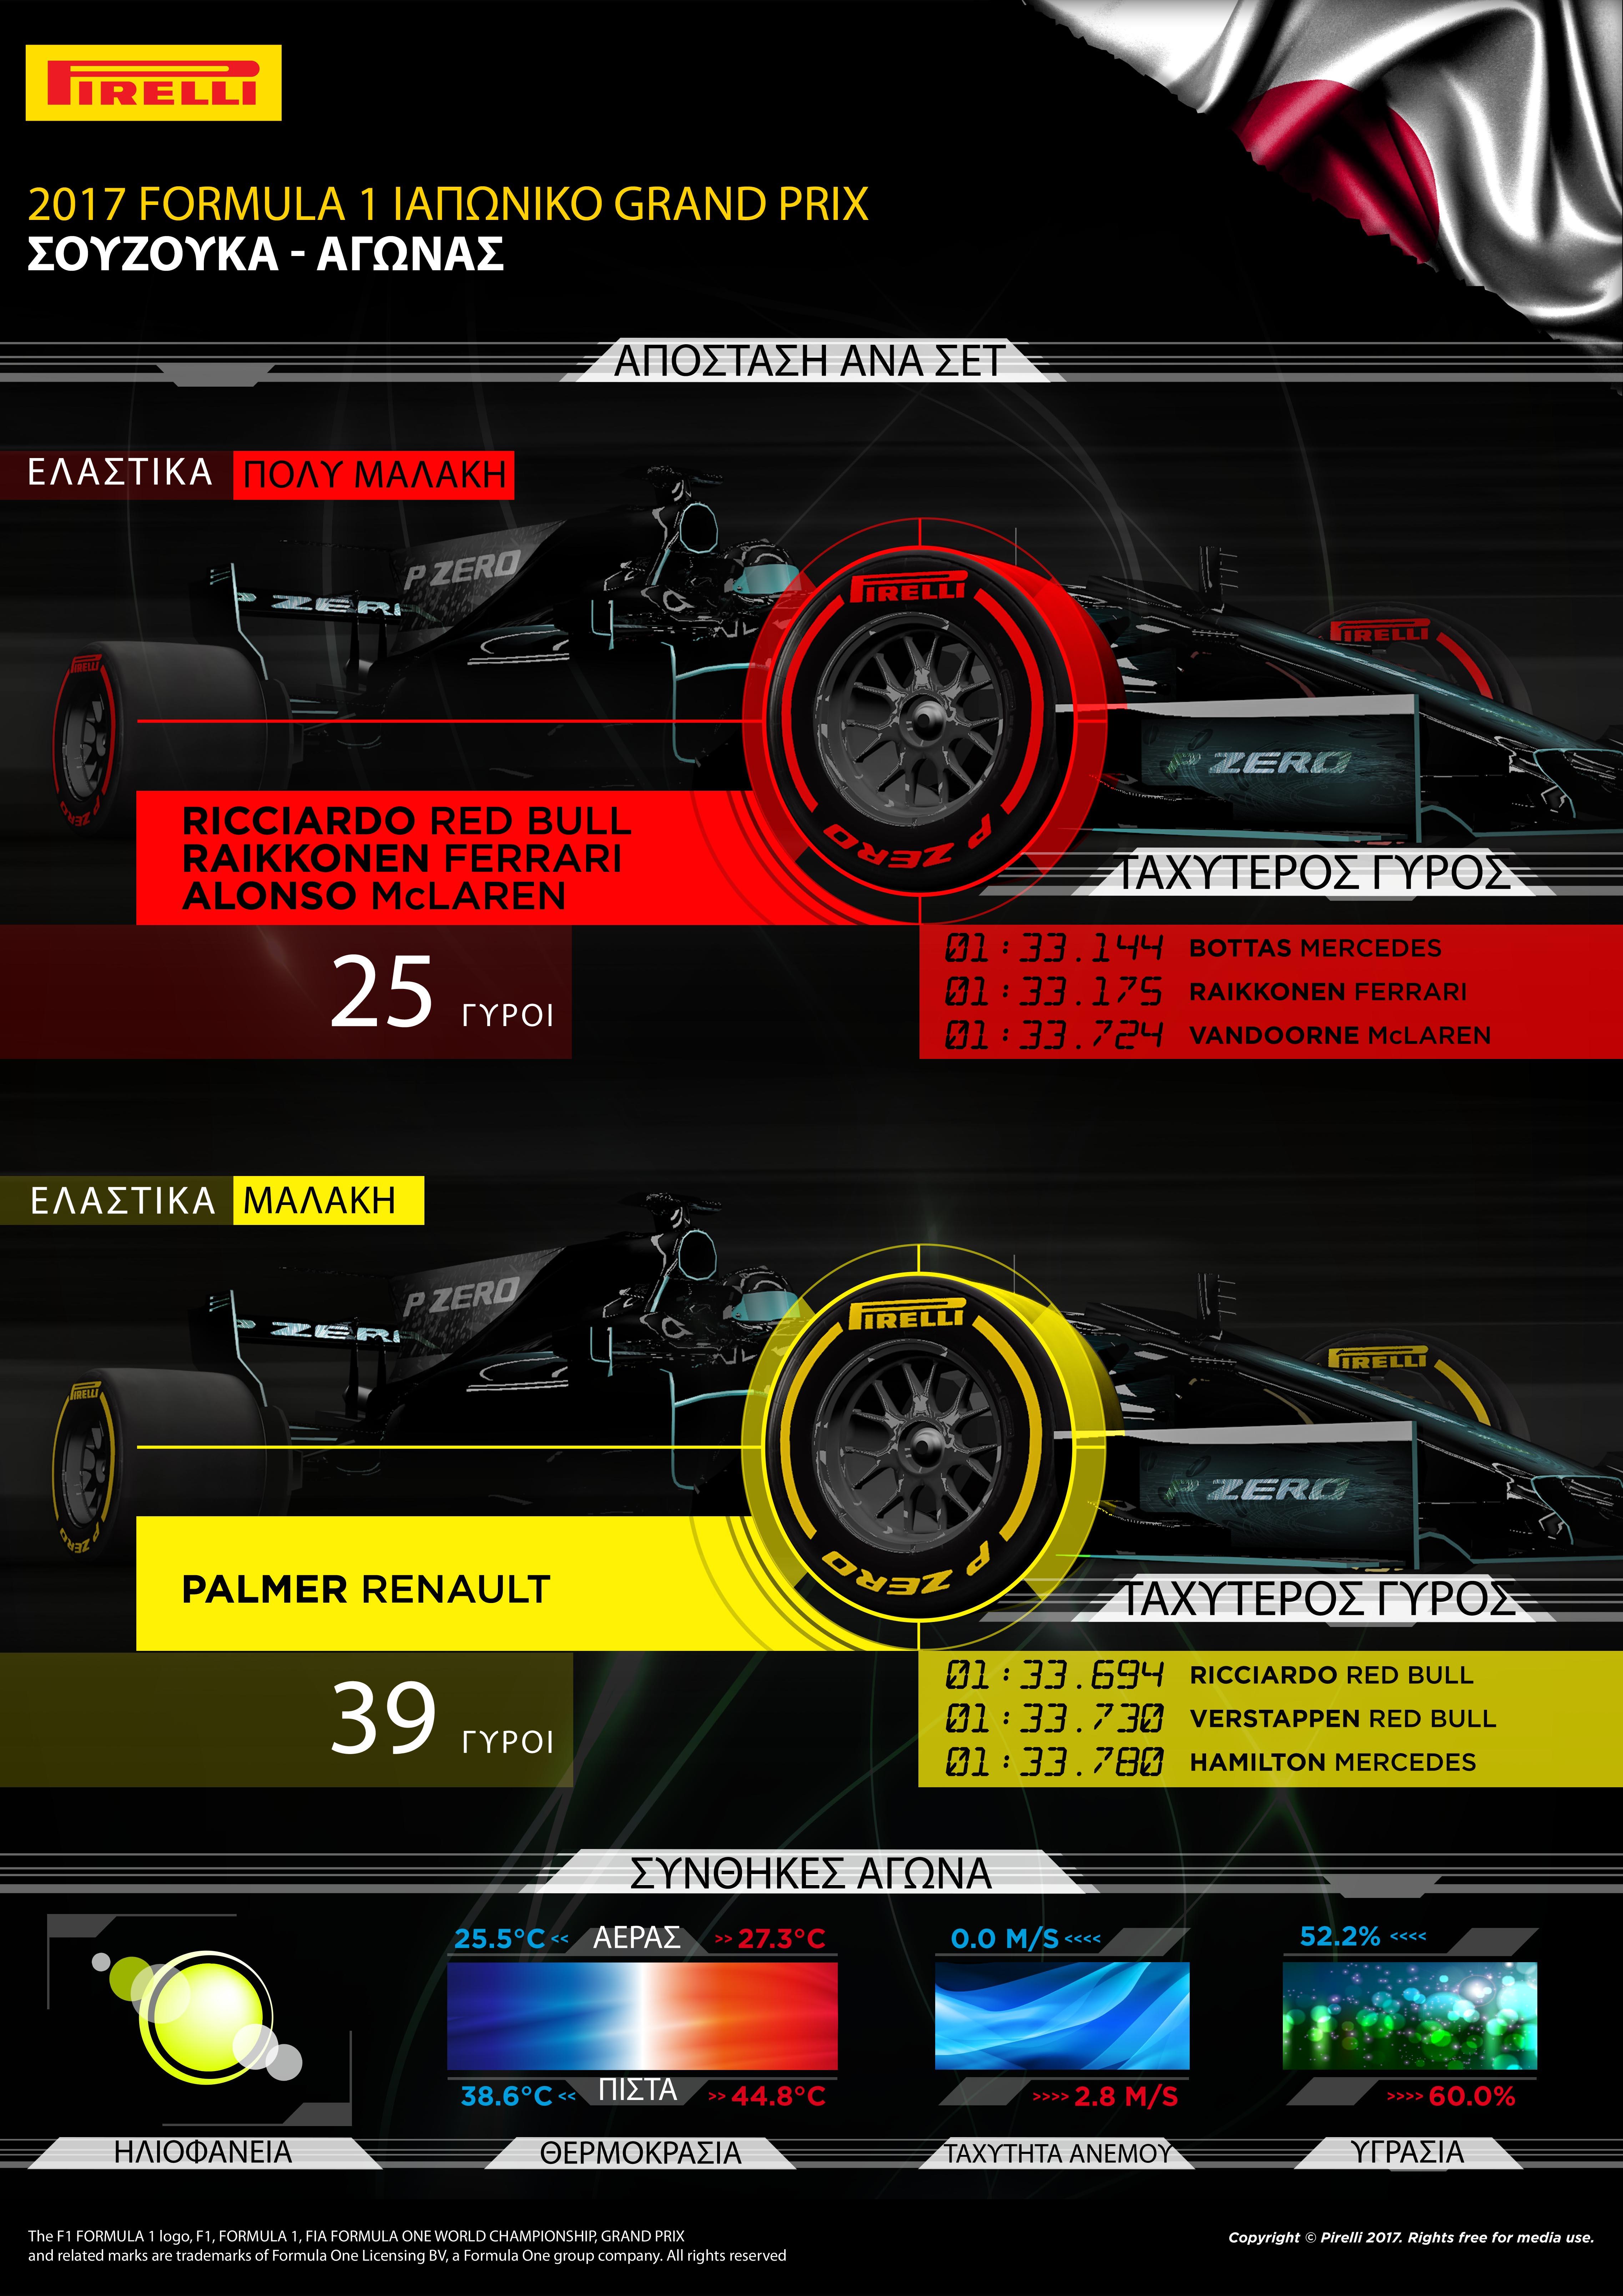 Ο οδηγός της Mercedes, Lewis Hamilton κέρδισε το Ιαπωνικό Grand Prix εκκινώντας από την pole με στρατηγική μια αλλαγής: Πολύ μαλακή/μαλακή γόμα. Η θερμοκρασία οδοστρώματος ξεπέρασε τους 40 βαθμούς Κελσίου σε αντίθεση με τις προηγούμενες μέρες που οι συνθήκες ήταν αρκετά πιο δροσερές. Οι περισσότεροι οδηγοί ακολούθησαν την ίδια τακτική με το νικητή υπήρξε όμως και μια αξιοσημείωτη εξαίρεση: Ο έτερος οδηγός της Mercedes Valtteri Bottas. Καθότι είχε ποινή 5 θέσεων στην εκκίνηση ξεκίνησε με τη μαλακή γόμα και διένυσε περισσότερους γύρους στο πρώτο μέρος πριν αλλάξει. Το παράδειγμά του ακολούθησε και ο Raikkonen. Τα μονοθέσια που έκαναν περισσότερους γύρους στην αρχή με τα μαλακά ελαστικά ήταν οι Renault, μπήκαν τελευταίες στα πιτ. Χάρη στις μακριές παρατεταμένες στροφές υψηλής ταχύτητας η Σουζούκα είναι μια από τις πιο απαιτητικές πίστες για τα ελαστικά. Παραταύτα η εμφάνιση του αυτοκινήτου ασφαλείας στους πρώτους γύρους και το καθεστώς εικονικού αυτοκινήτου ασφαλείας μετέπειτα μείωσε λίγο τη φθορά, αυξάνοντας την απόσταση που διένυσαν οι οδηγοί στο πρώτο μέρος. MARIO ISOLA, ΕΠΙΚΕΦΑΛΗΣ ΑΓΩΝΩΝ ΑΥΤΟΚΙΝΗΤΟΥ «Αμφότερες οι γόμες που χρησιμοποιήθηκαν συμπεριφέρθηκαν όπως ακριβώς περιμέναμε παρότι οι θερμοκρασίες σε αέρα και οδόστρωμα ήταν πιο υψηλές απ' τις προηγούμενες δυο μέρες. Αν επίσης συνδυάσεις τη βροχή και τις κόκκινες σημαίες στα ελεύθερα είναι προφανές πως οι ομάδες δεν είχαν όλες τις πληροφορίες που χρειάζονταν για να χαράξουν στρατηγική στις συγκεκριμένες συνθήκες. Παρόλα αυτά και μολονότι είχαμε φέρει πιο μαλακή γόμα απ' ότι πέρυσι, η πλειοψηφία των οδηγών ολοκλήρωσε το Grand Prix με μια αλλαγή. Οι οδηγοί που εκκινούσαν εκτός της θέσης που είχαν καταταγεί, χρησιμοποίησαν εναλλακτικά τη στρατηγική μαλακή/πολύ μαλακή και κέρδισαν θέσεις». ΚΑΛΥΤΕΡΟΣ ΧΡΟΝΟΣ ΑΝΑ ΓΟΜΑ - Ricciardo 1m33.694s Bottas 1m33.144s - Verstappen 1m33.730s Raikkonen 1m33.175s - Hamilton 1m33.780s Vandoorne 1m33.724s ΜΕΓΑΛΥΤΕΡΗ ΑΠΟΣΤΑΣΗ ΣΤΟΝ ΑΓΩΝΑ ΓΟΜΑ ΟΔΗΓΟΣ ΓΥΡΟΙ MEΣΗ - - ΜΑΛΑΚΗ Palmer 39 ΠΟΛΥ Μ